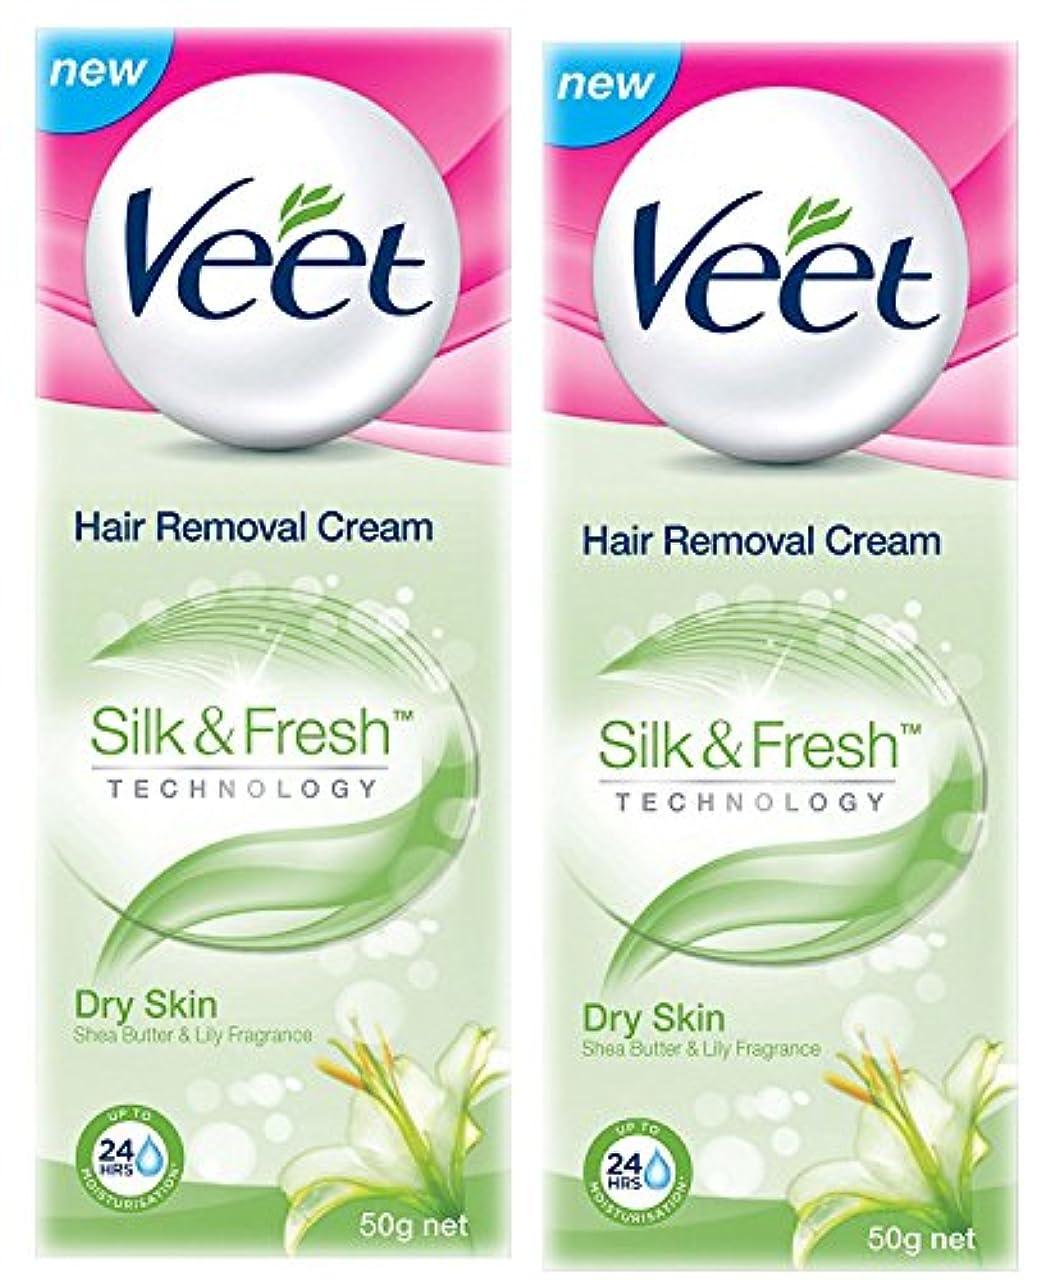 Veet Dry Skin Hair Removal Cream - 50 g (Pack of 2)